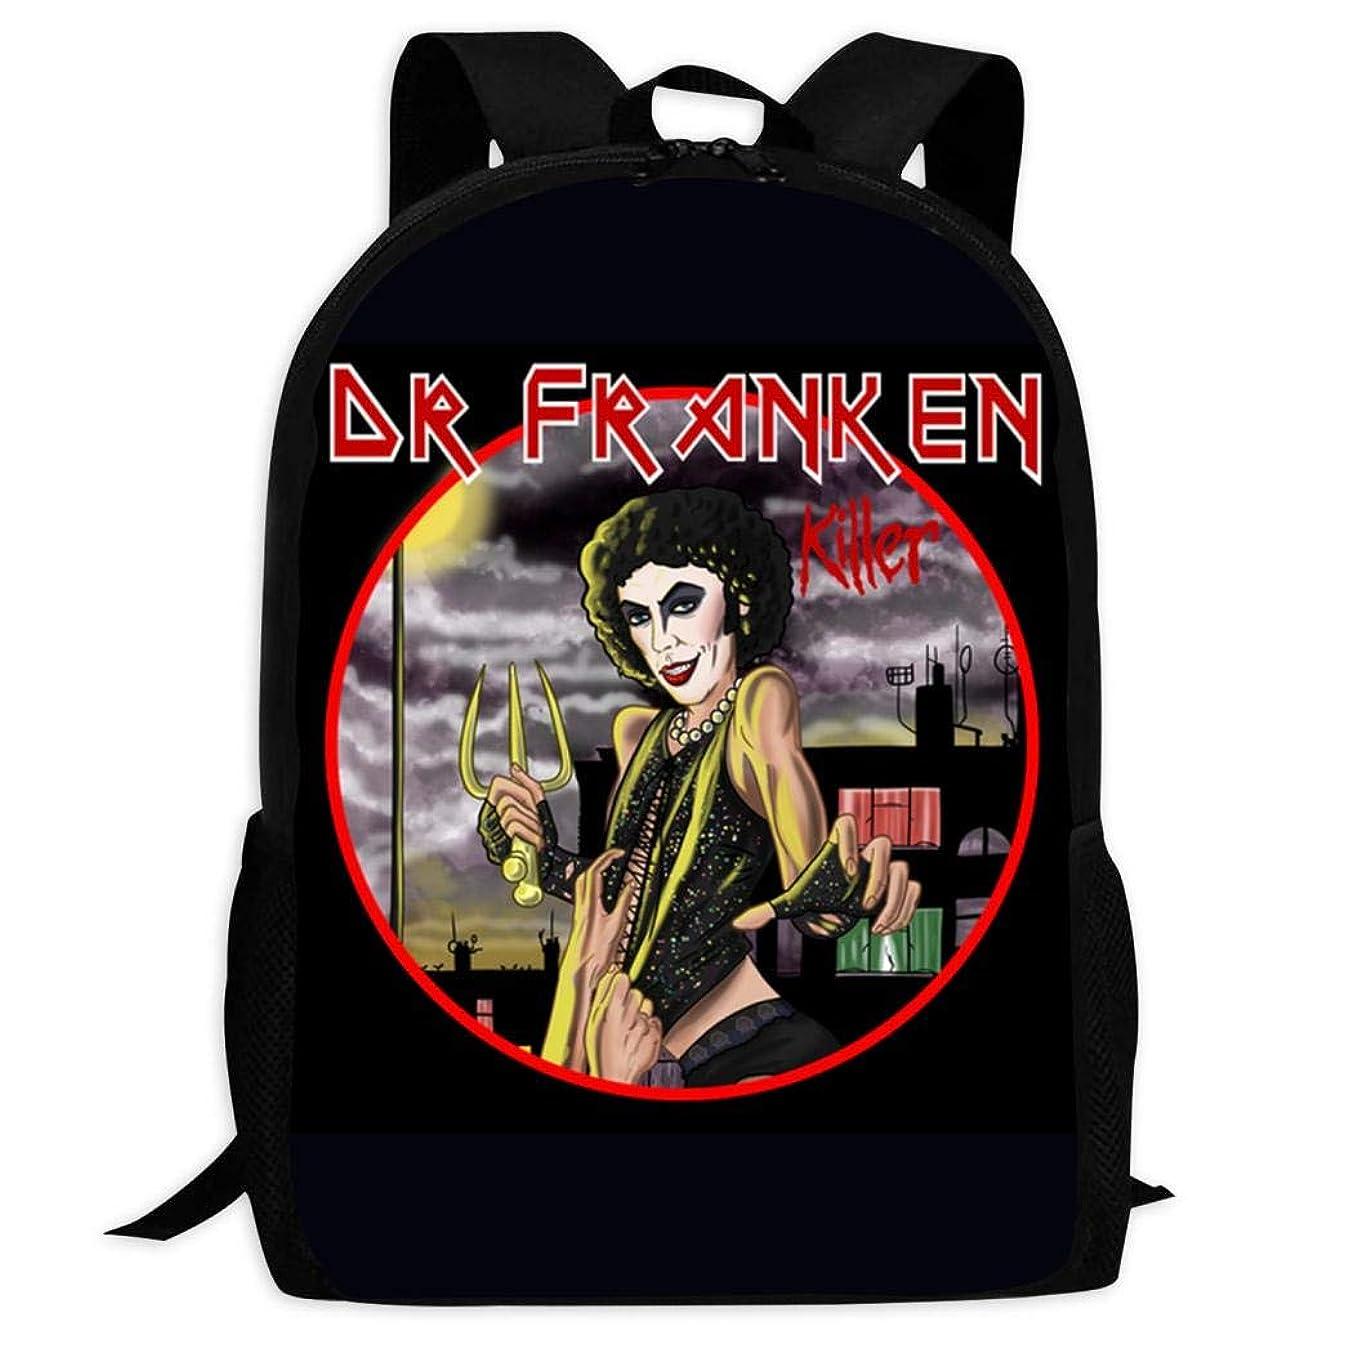 知覚する上がる自伝3D Drfranken スクールバッグボトルサイドポケット付きの子供のバックパックの軽量ファッションの女の子